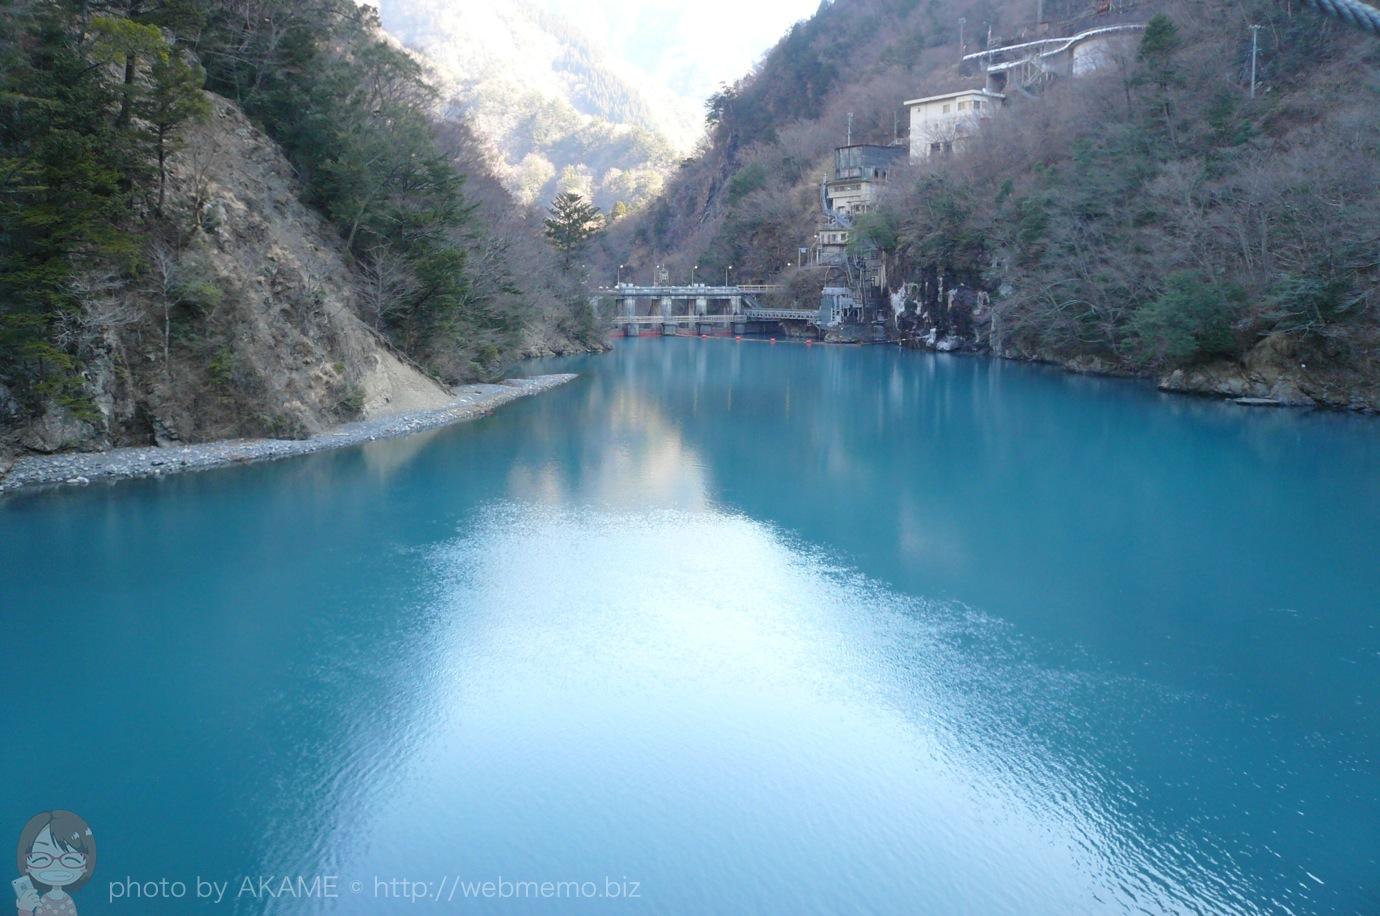 夢の吊り橋から見たコバルトブルーの湖